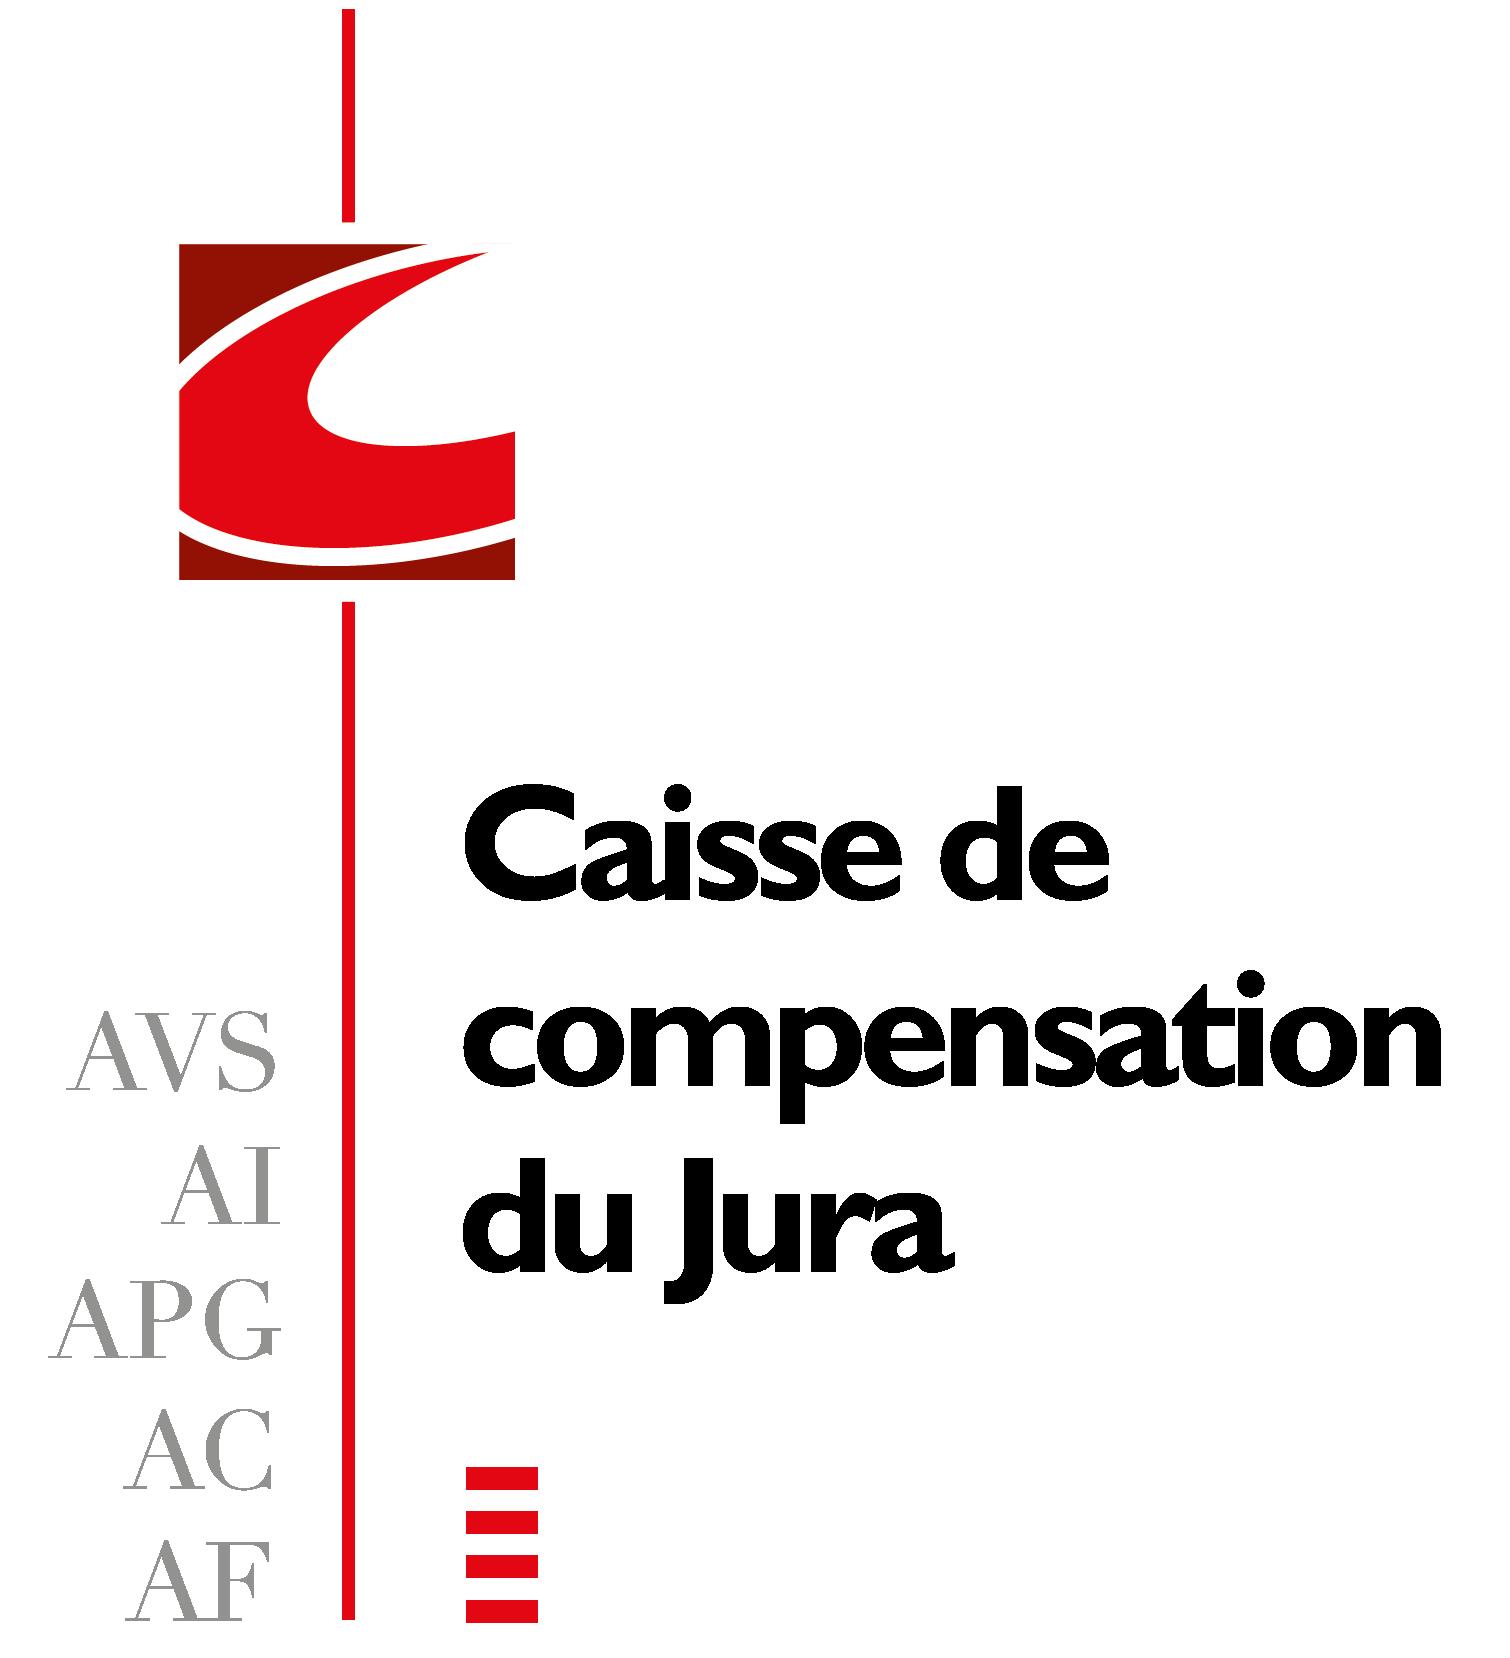 Caisse de compensation du Jura